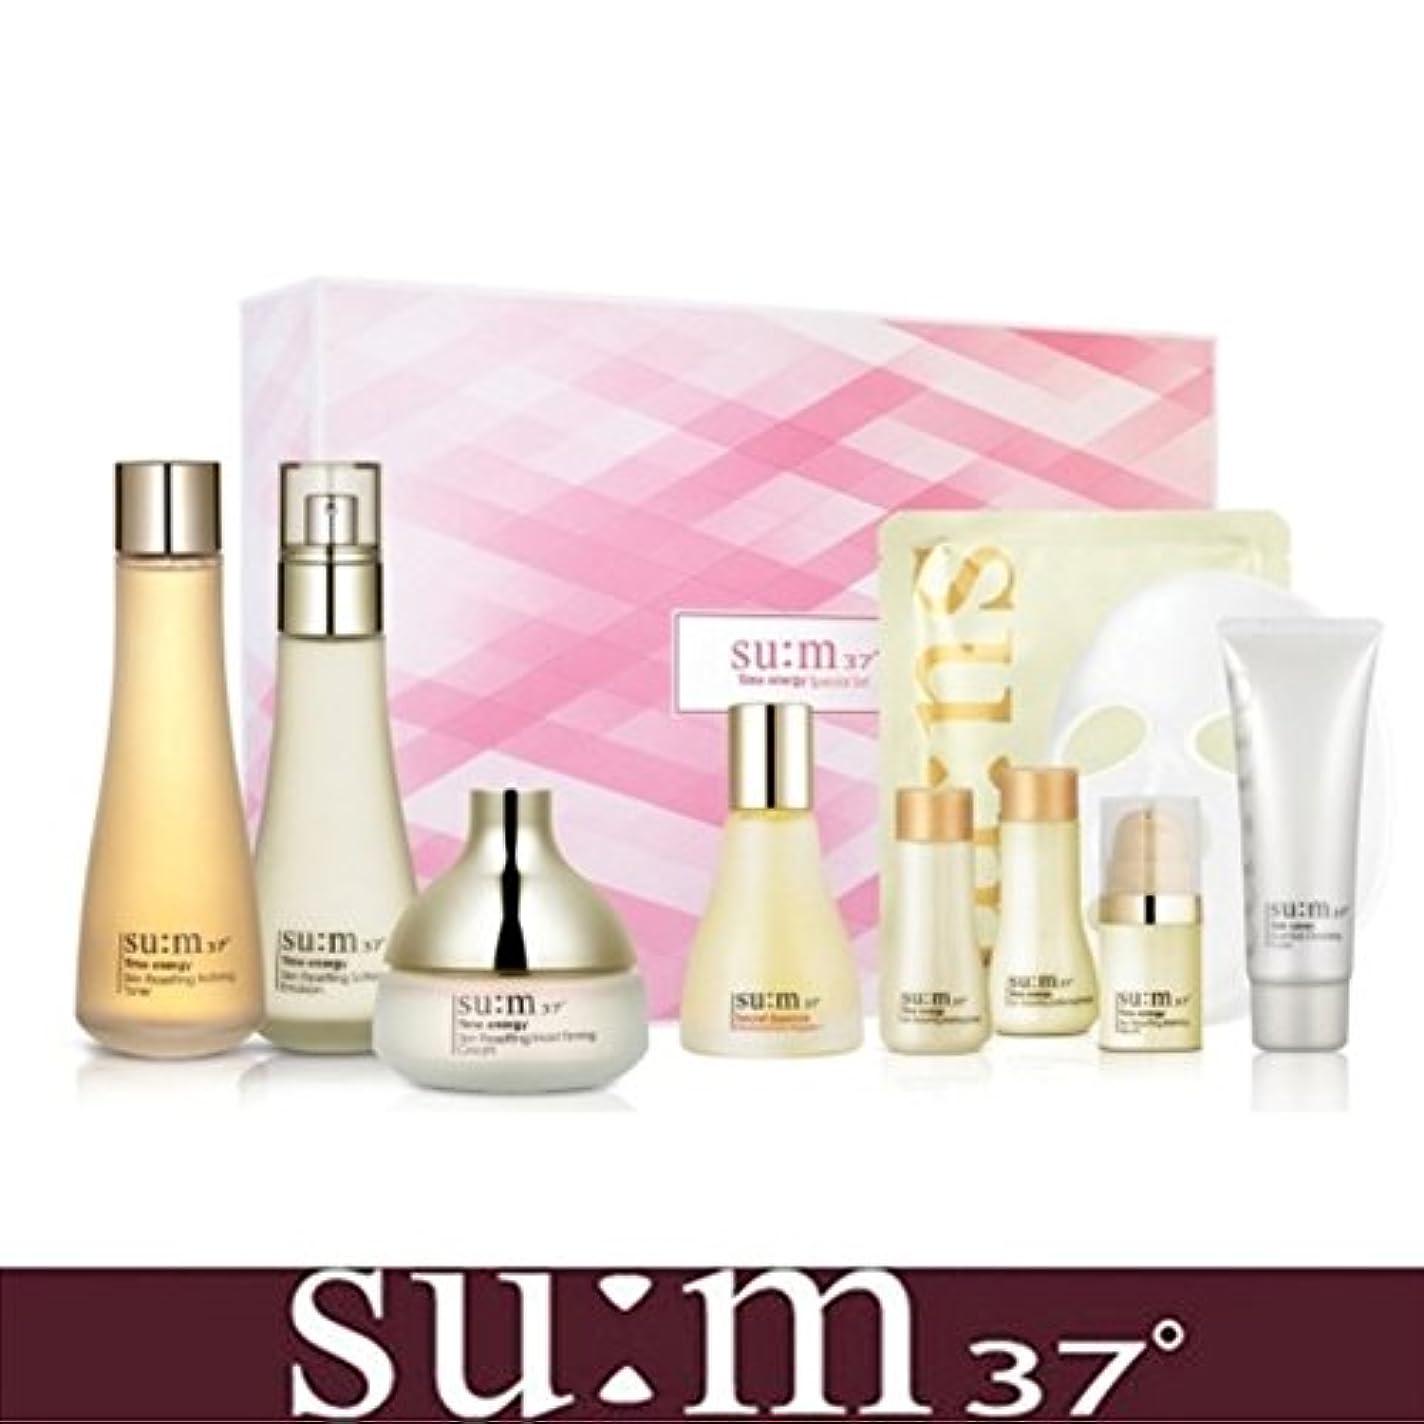 ベリースペードコールド[su:m37/スム37°] SUM37 Time Energy 3pcs Special Skincare Set / タイムエネルギーの3種のスペシャルセット+[Sample Gift](海外直送品)